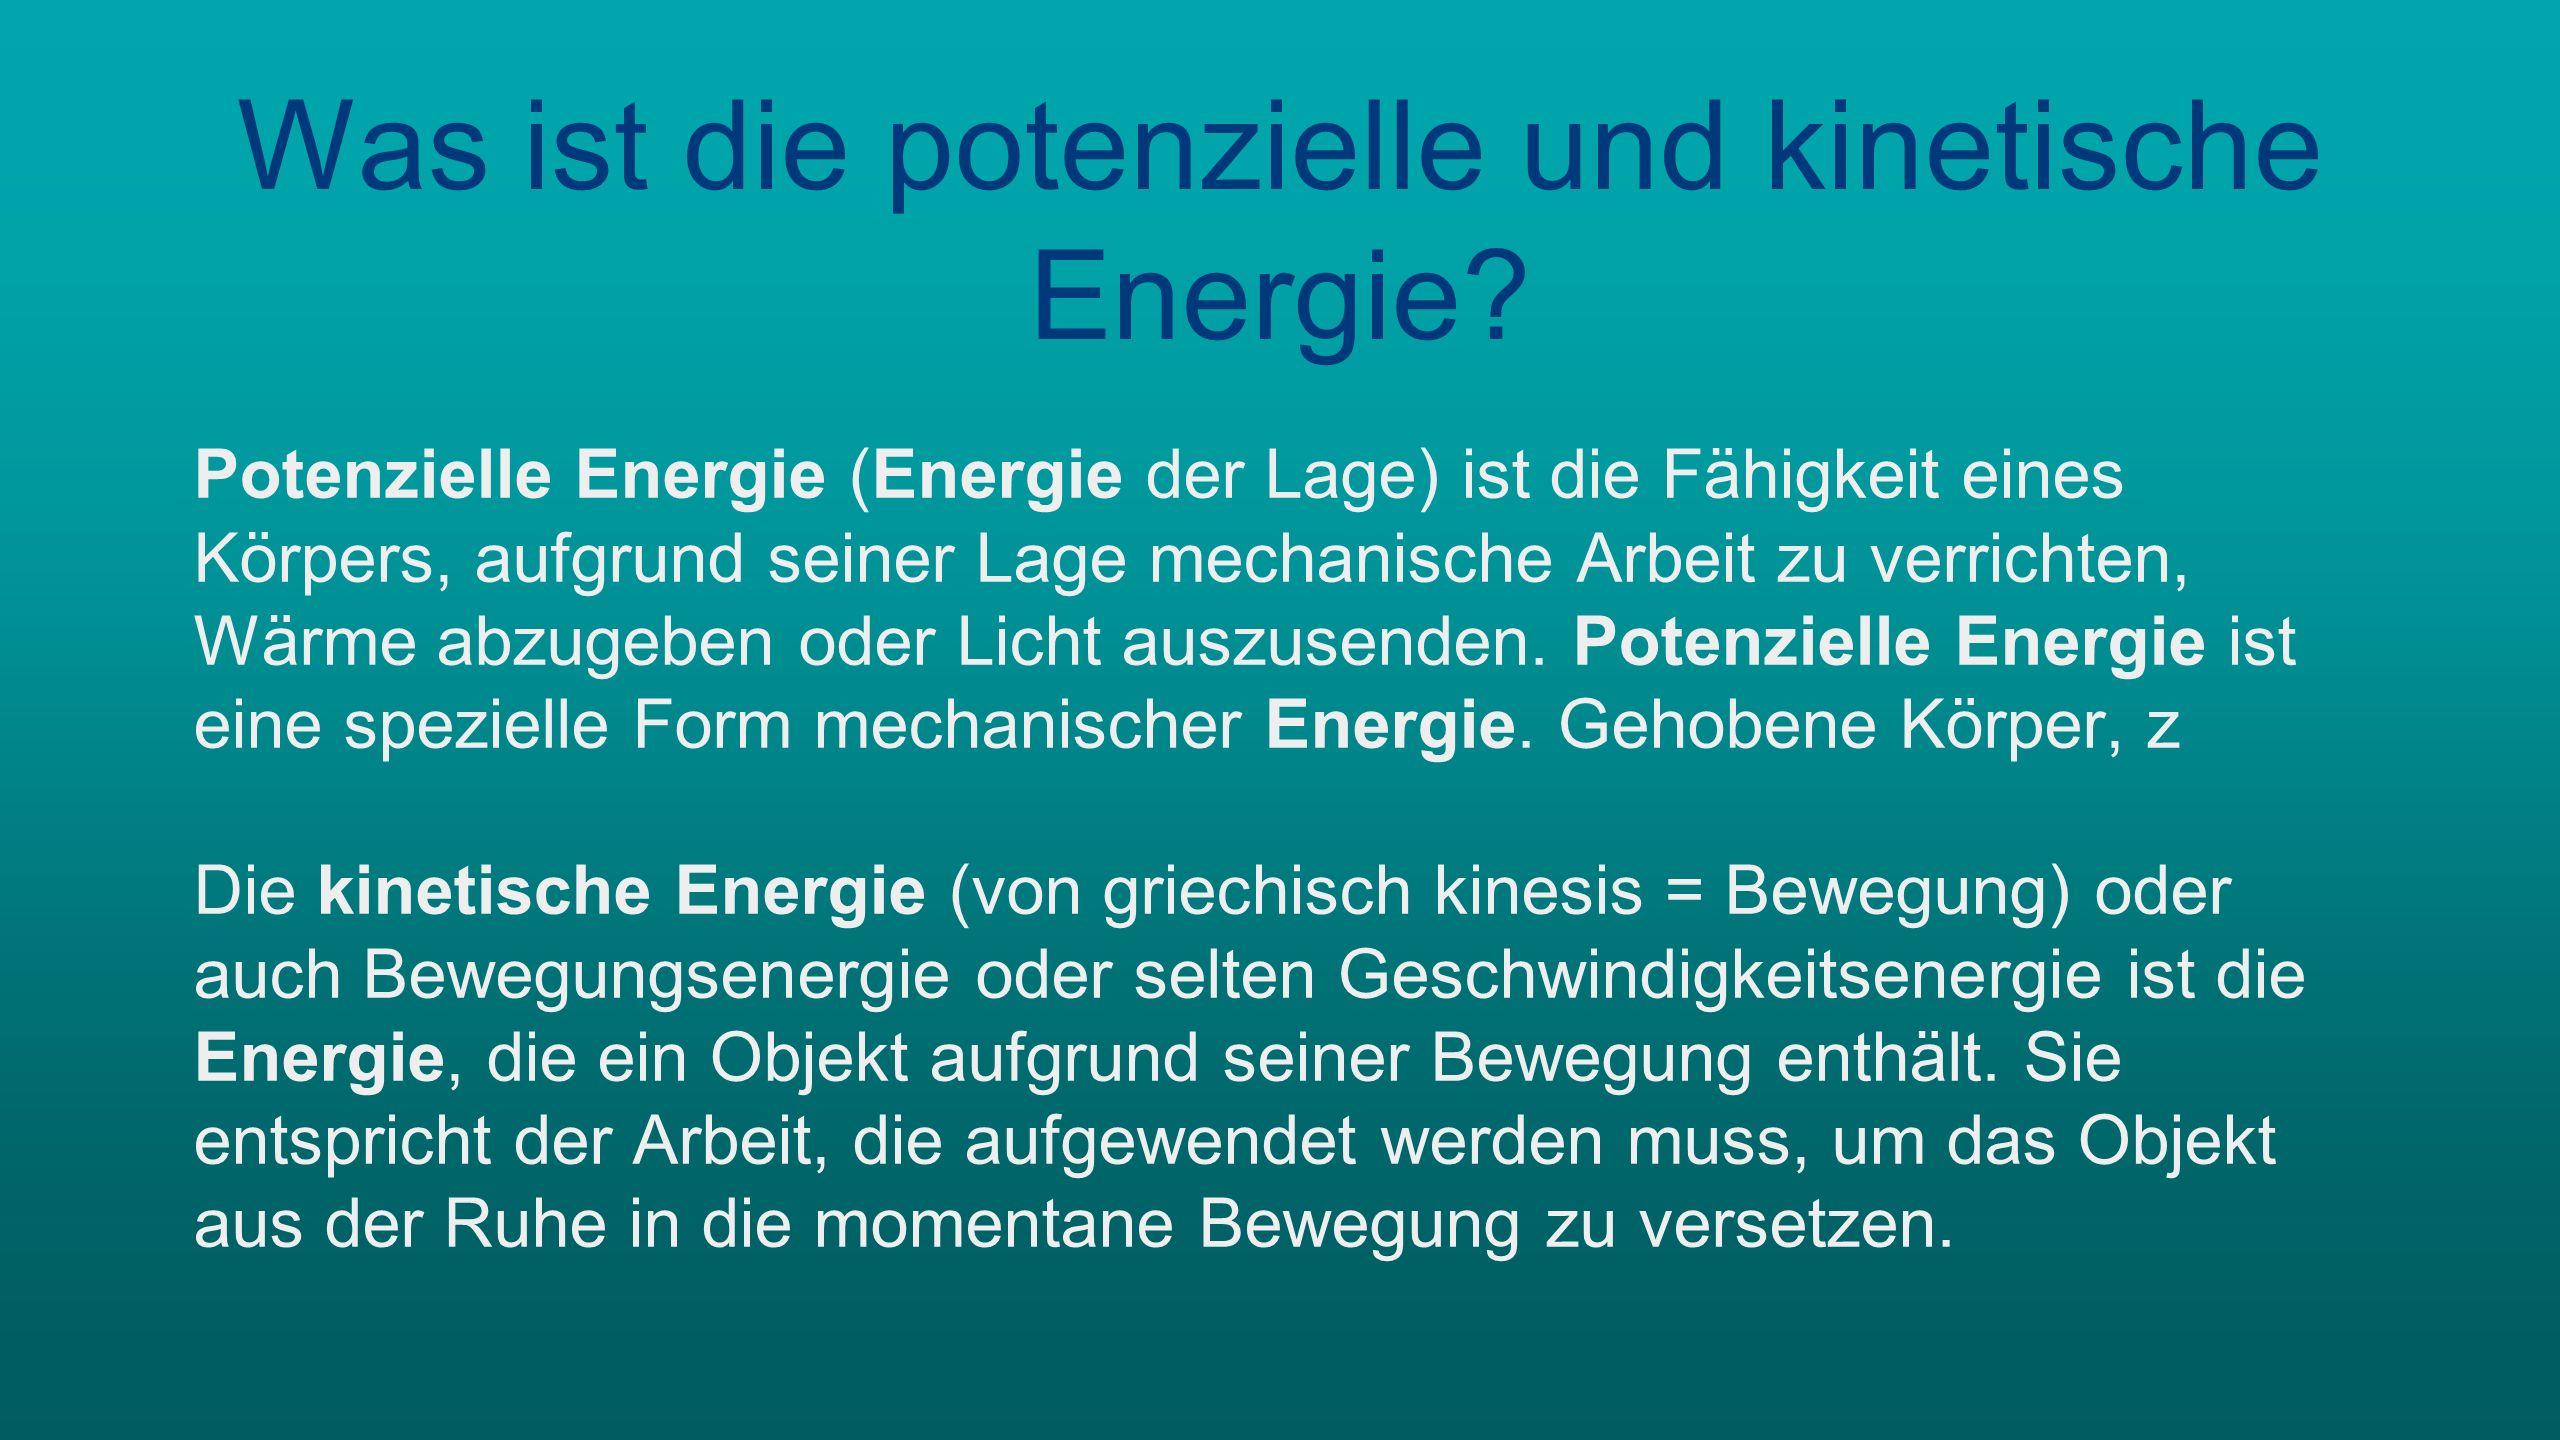 Was ist die potenzielle und kinetische Energie